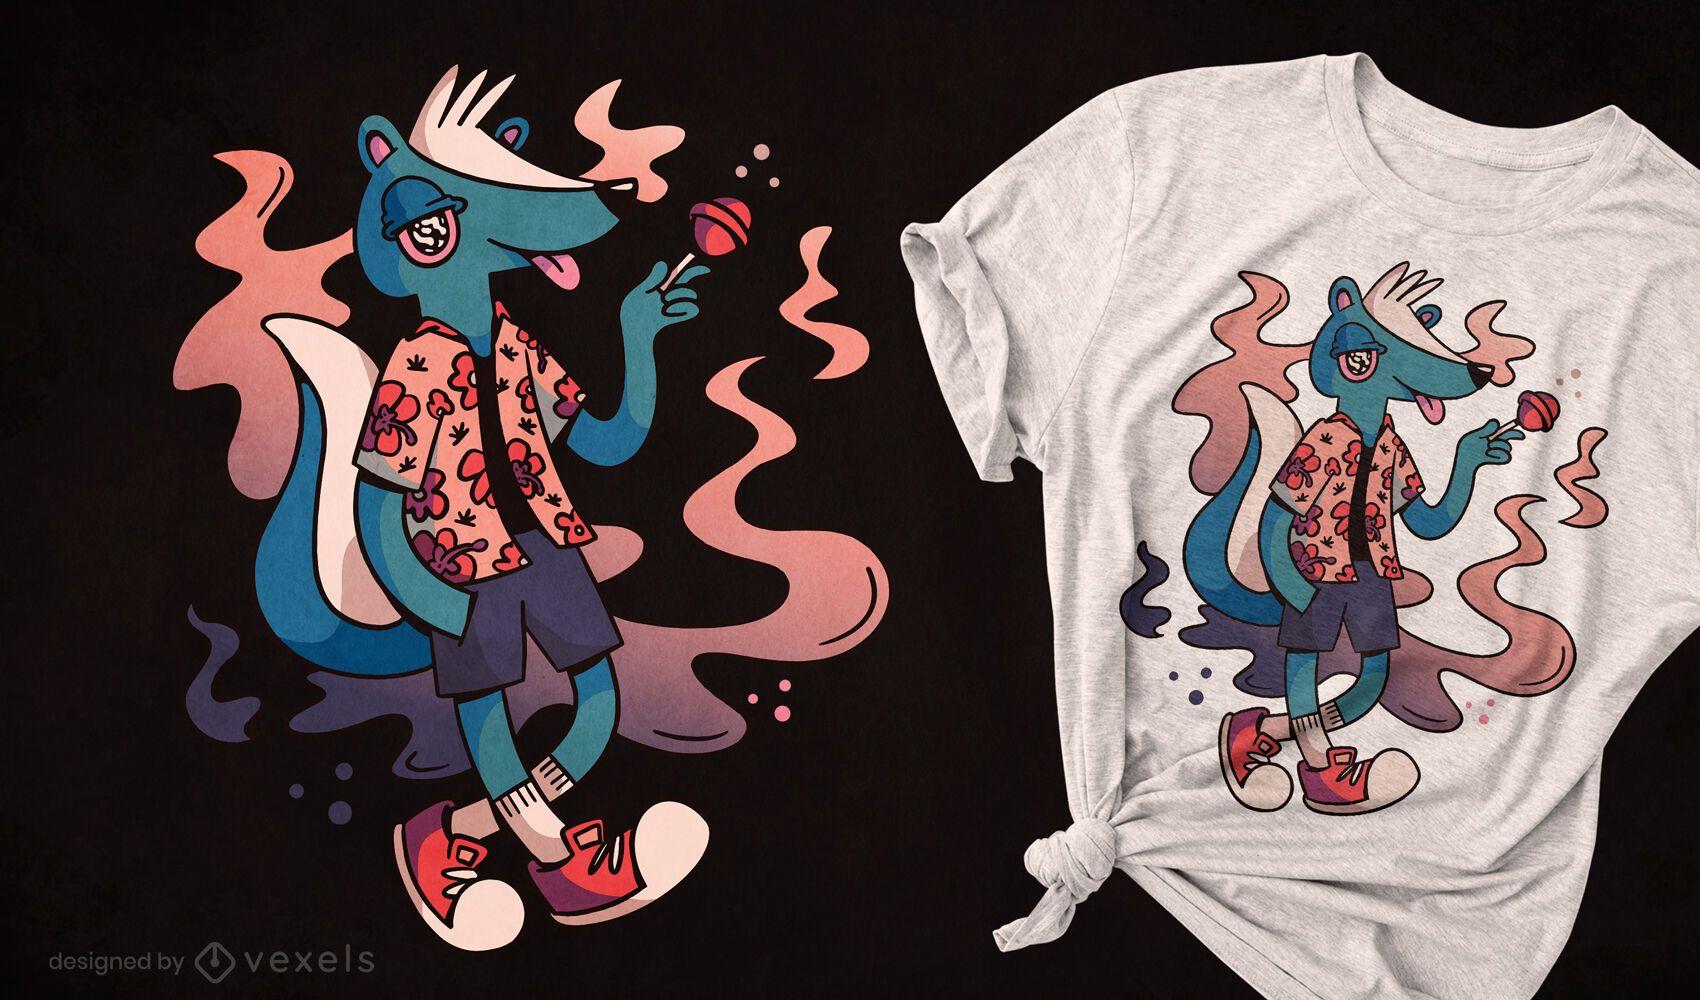 Skunk animal eating sweet t-shirt design